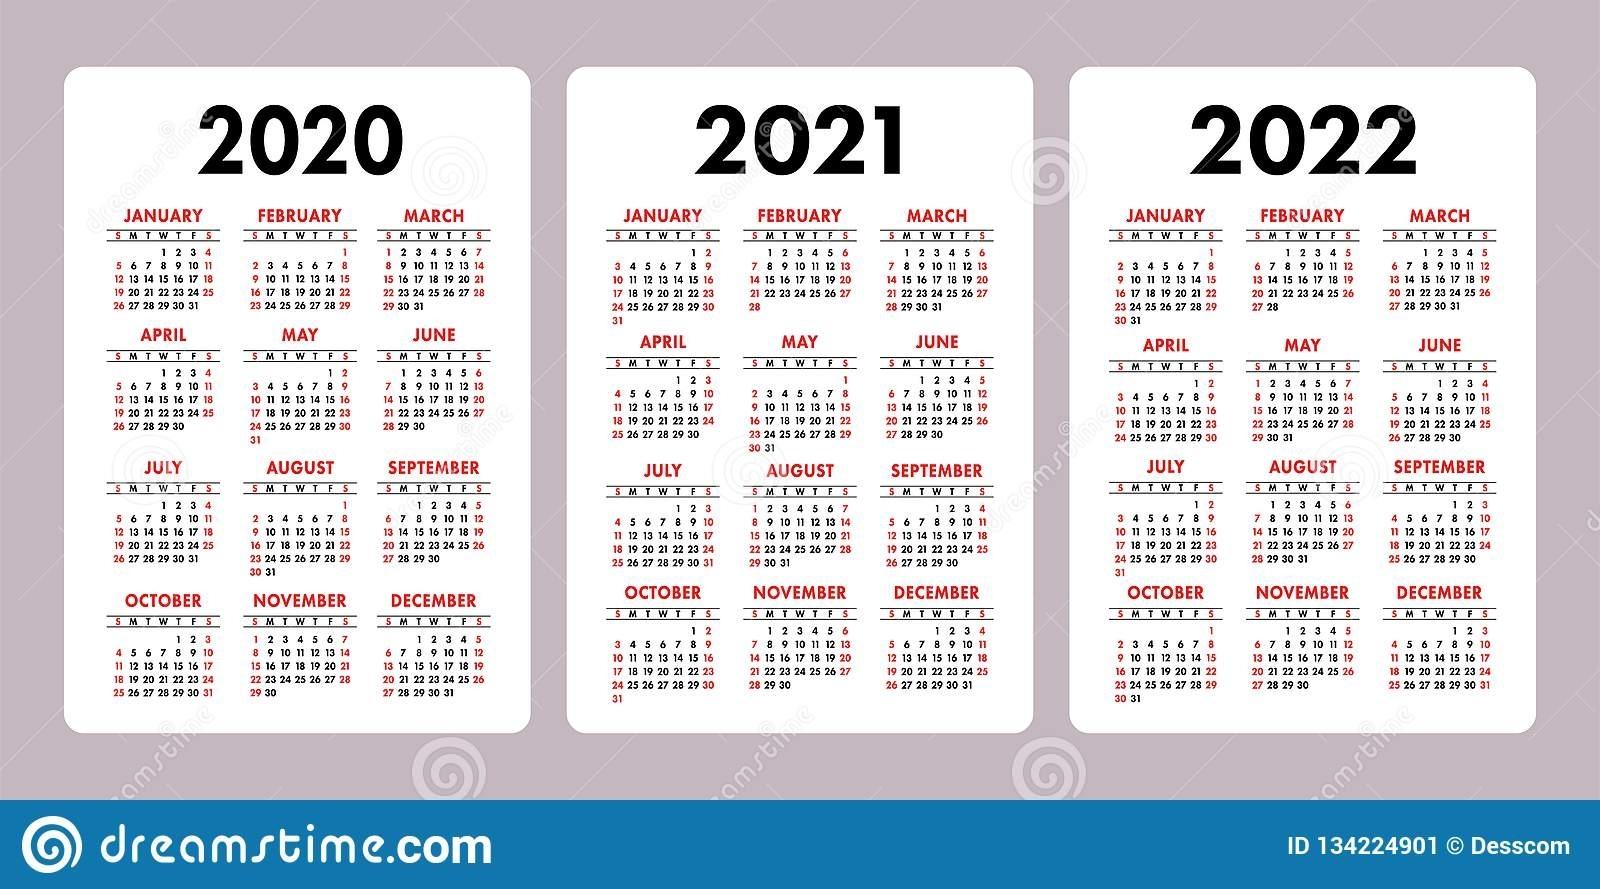 Collect Free Printable Calendar 2020-2022 | Calendar